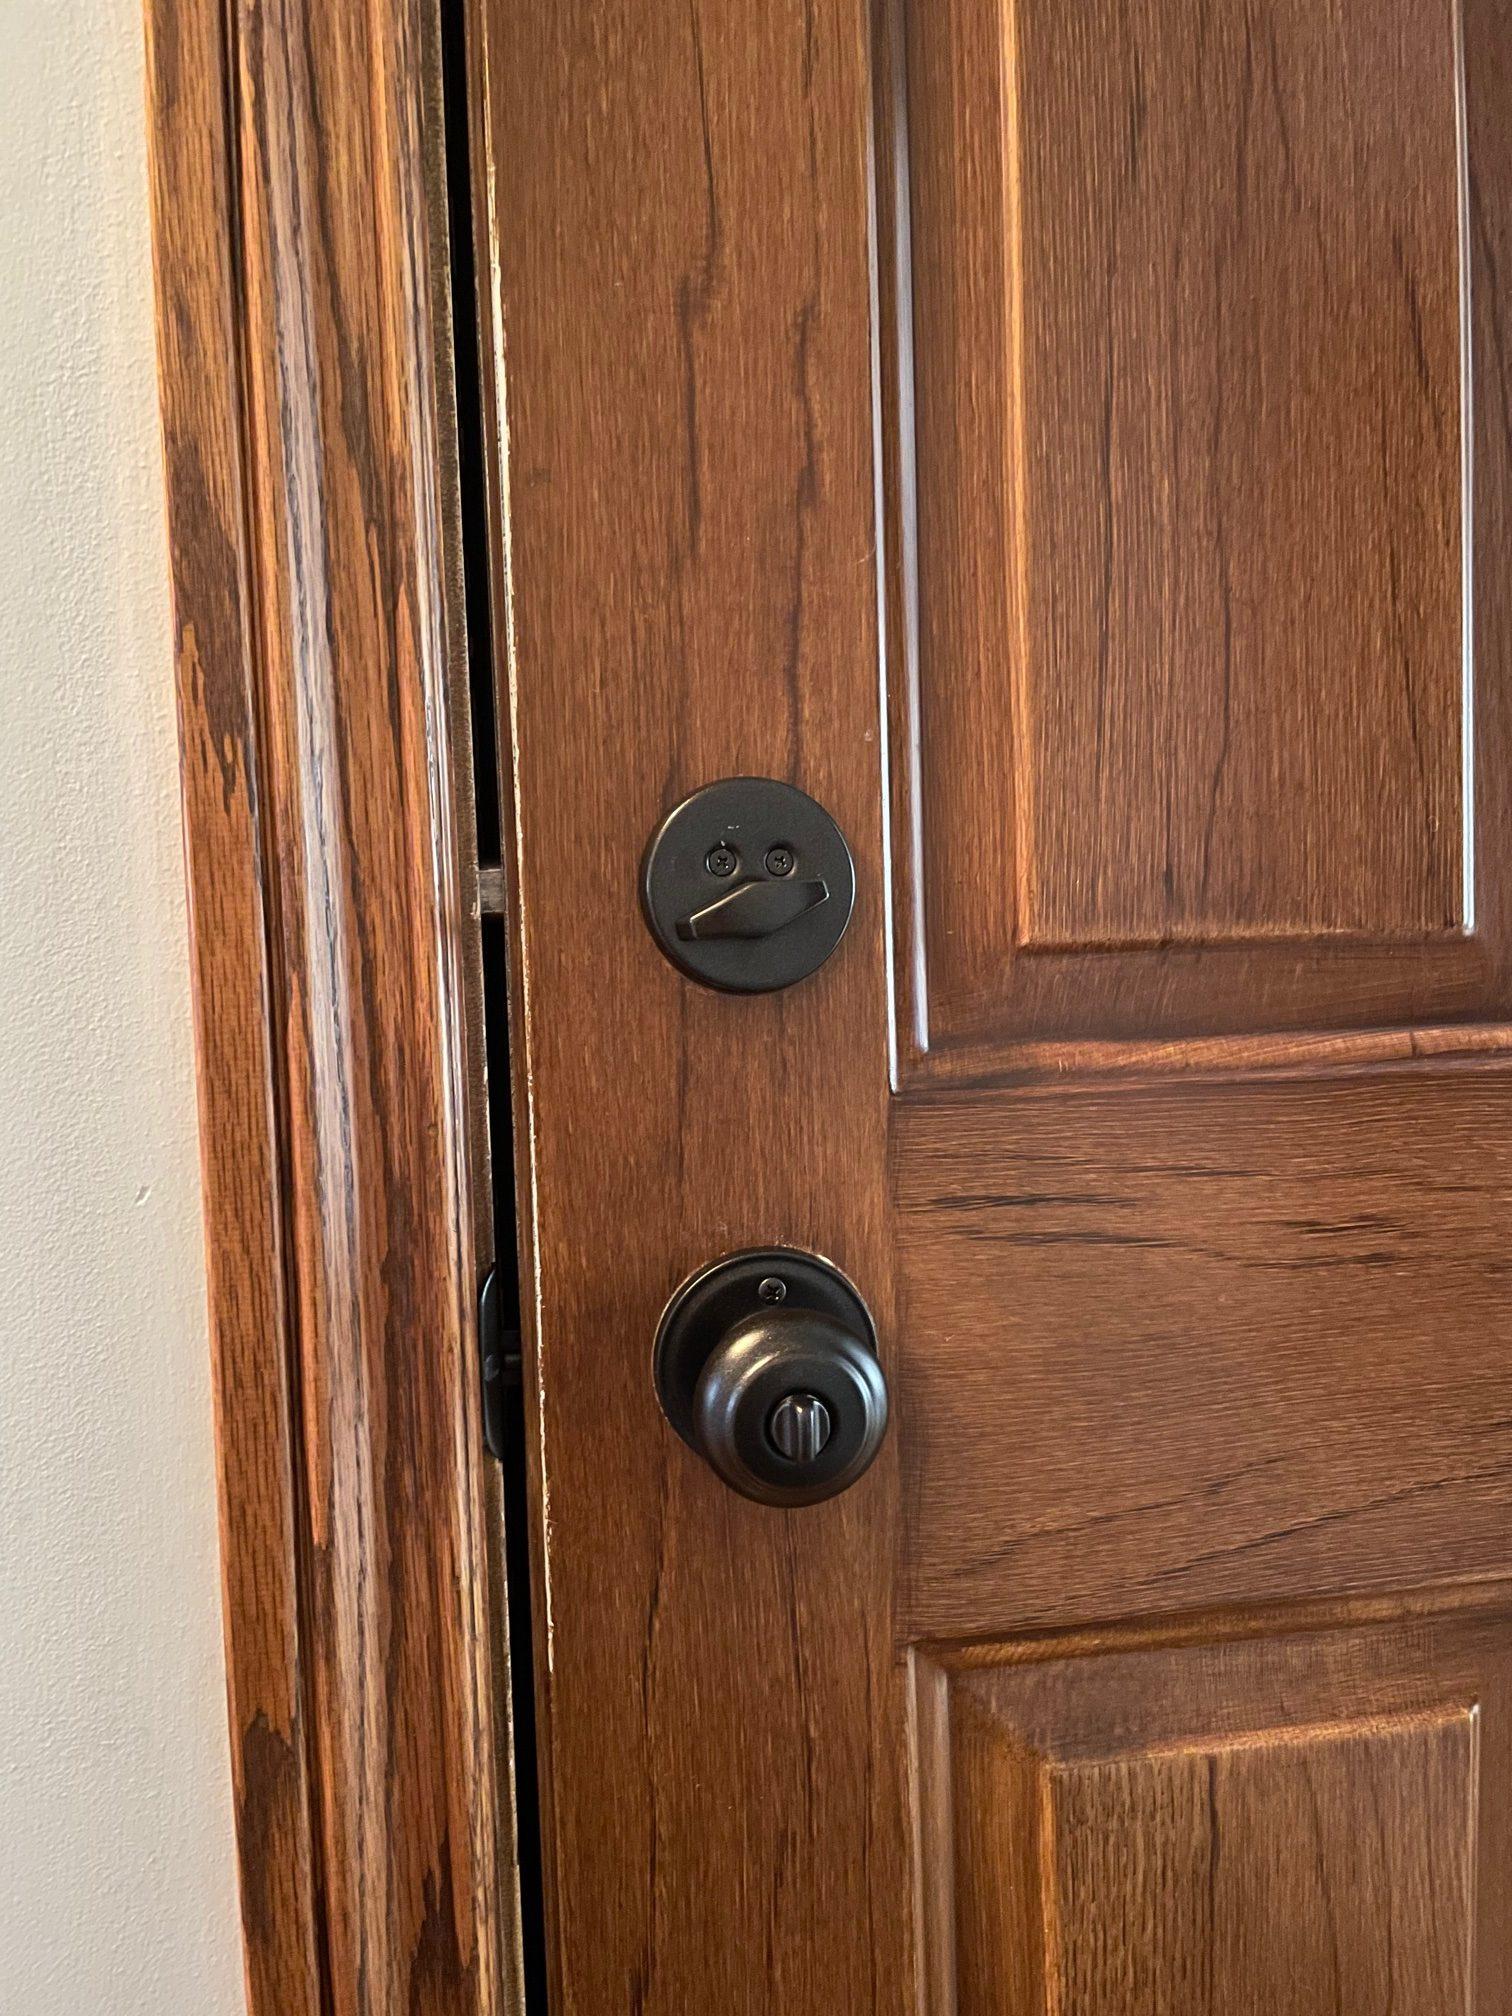 painted exterior door knob